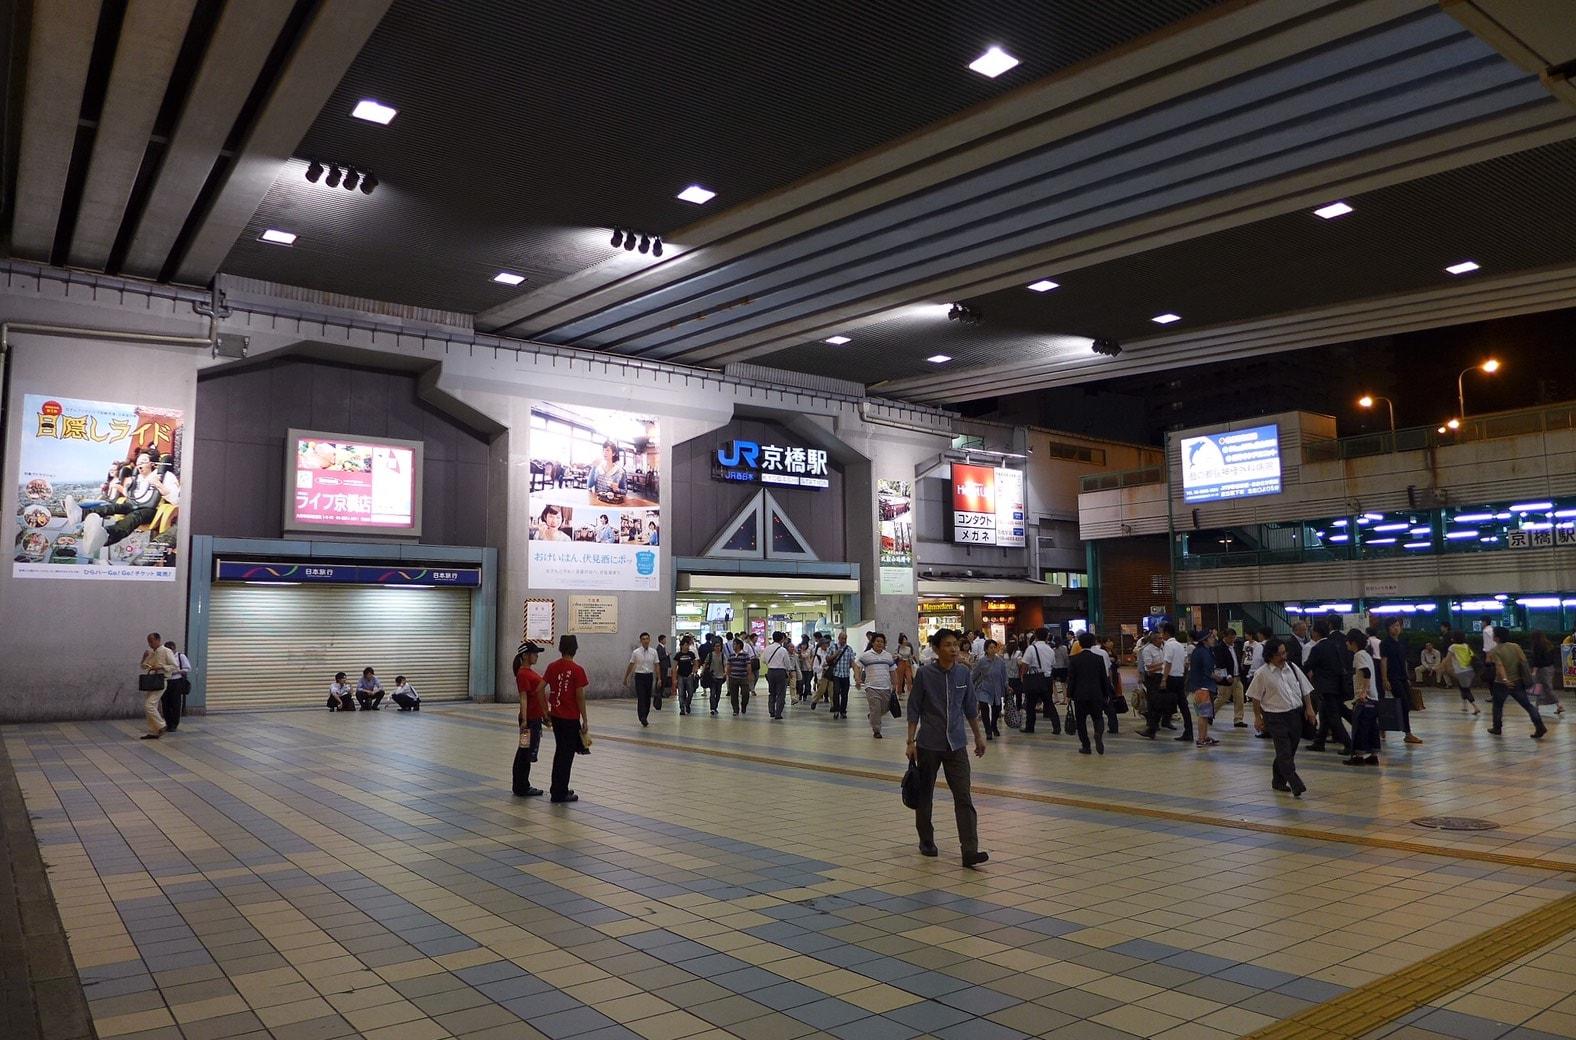 京橋駅アイキャッチ